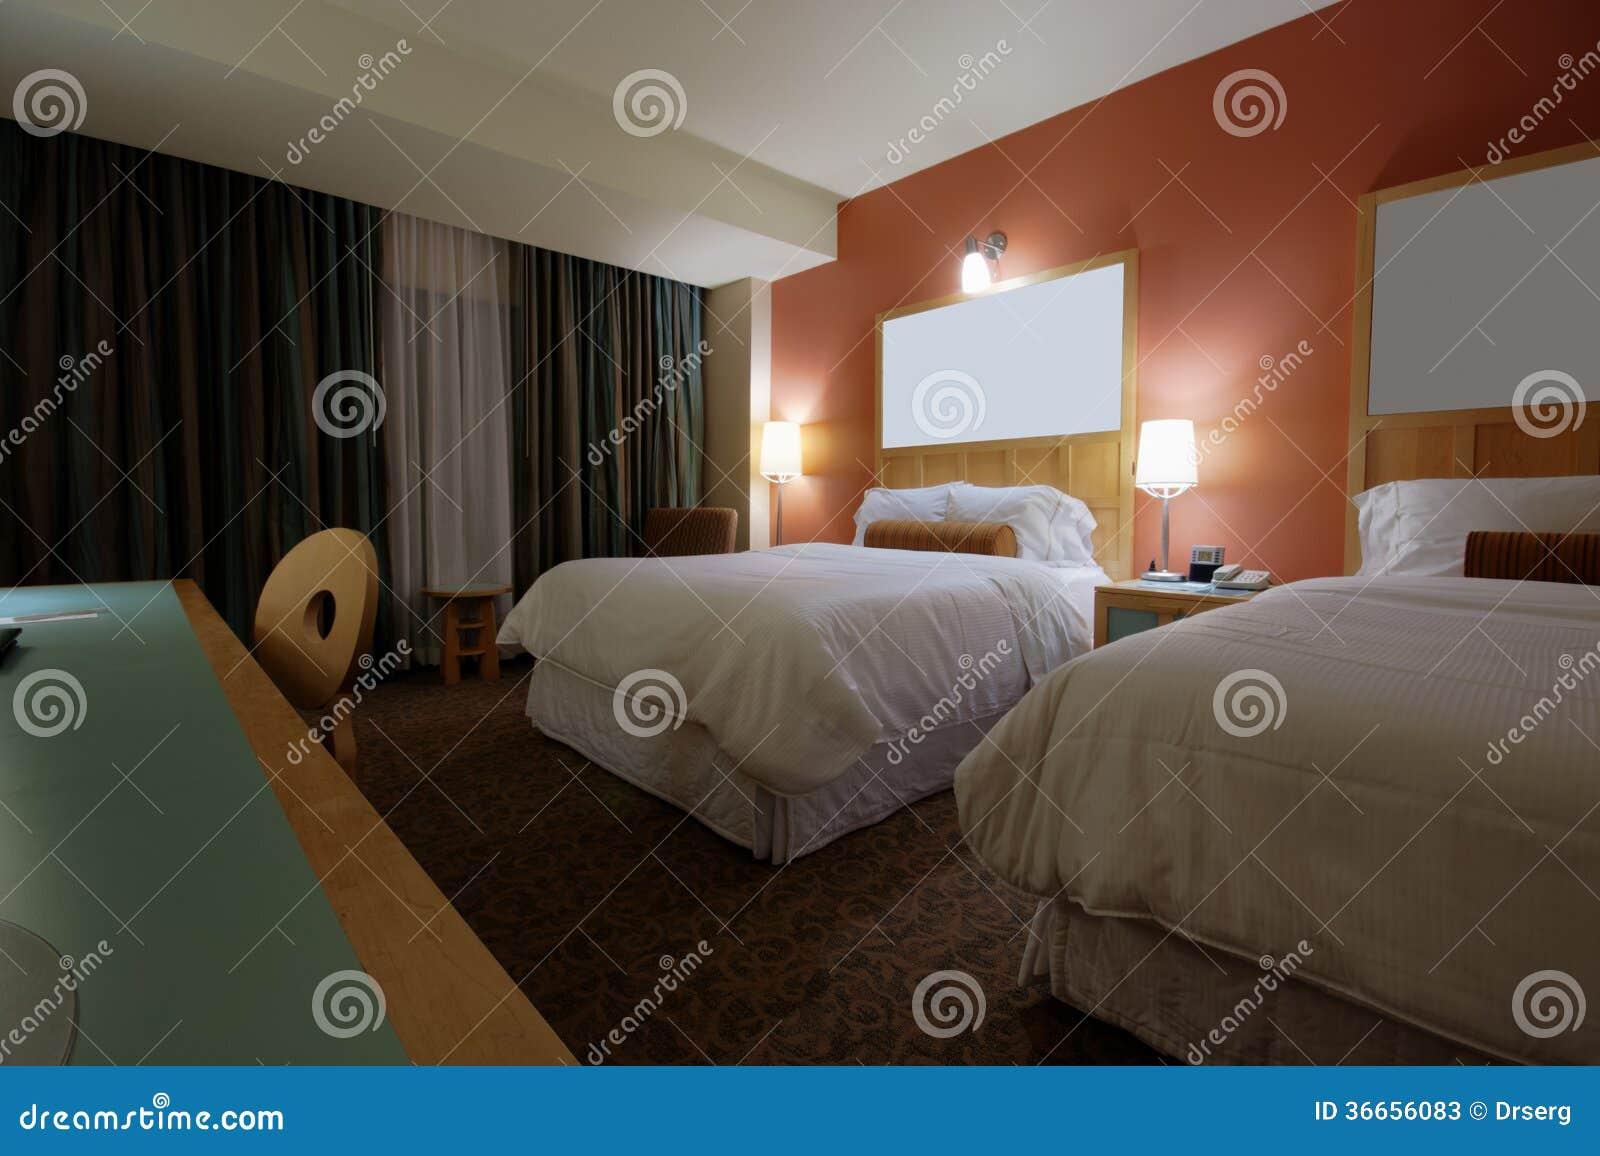 Schlafzimmer Mit Zwei Betten Mit Drei Lampen